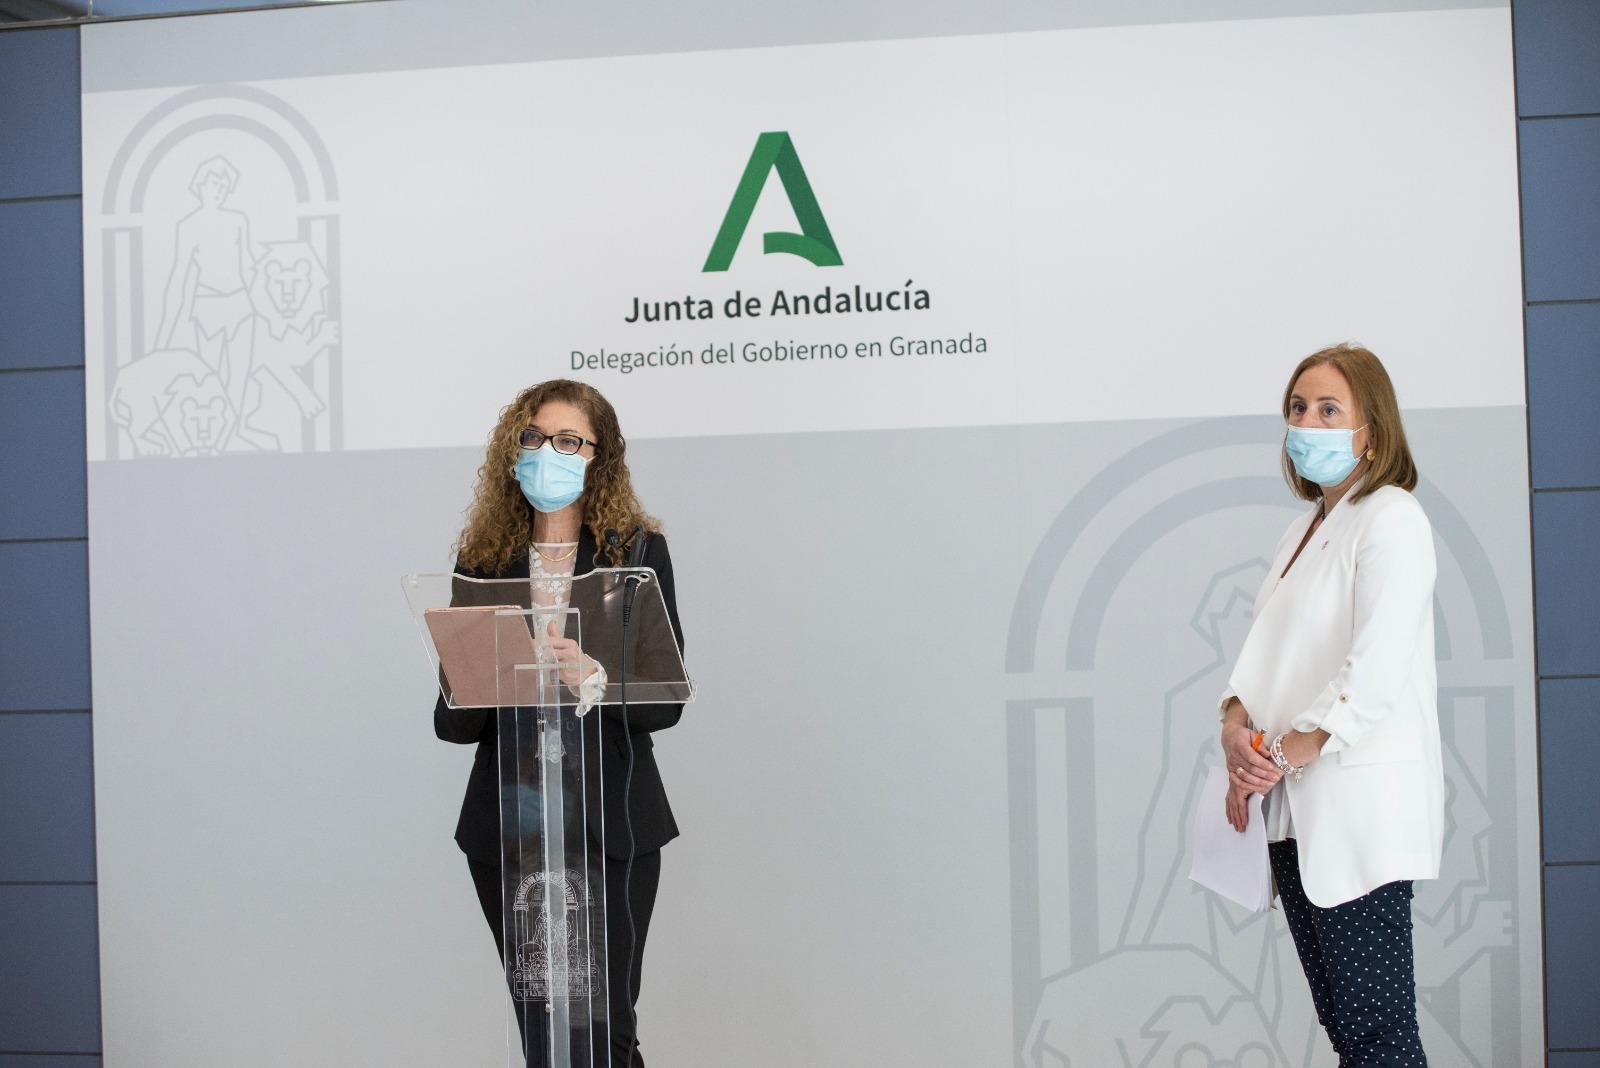 Más de 2.400 familias de Granada se han beneficiado del Programa de Tarjetas Monedero, según la Junta